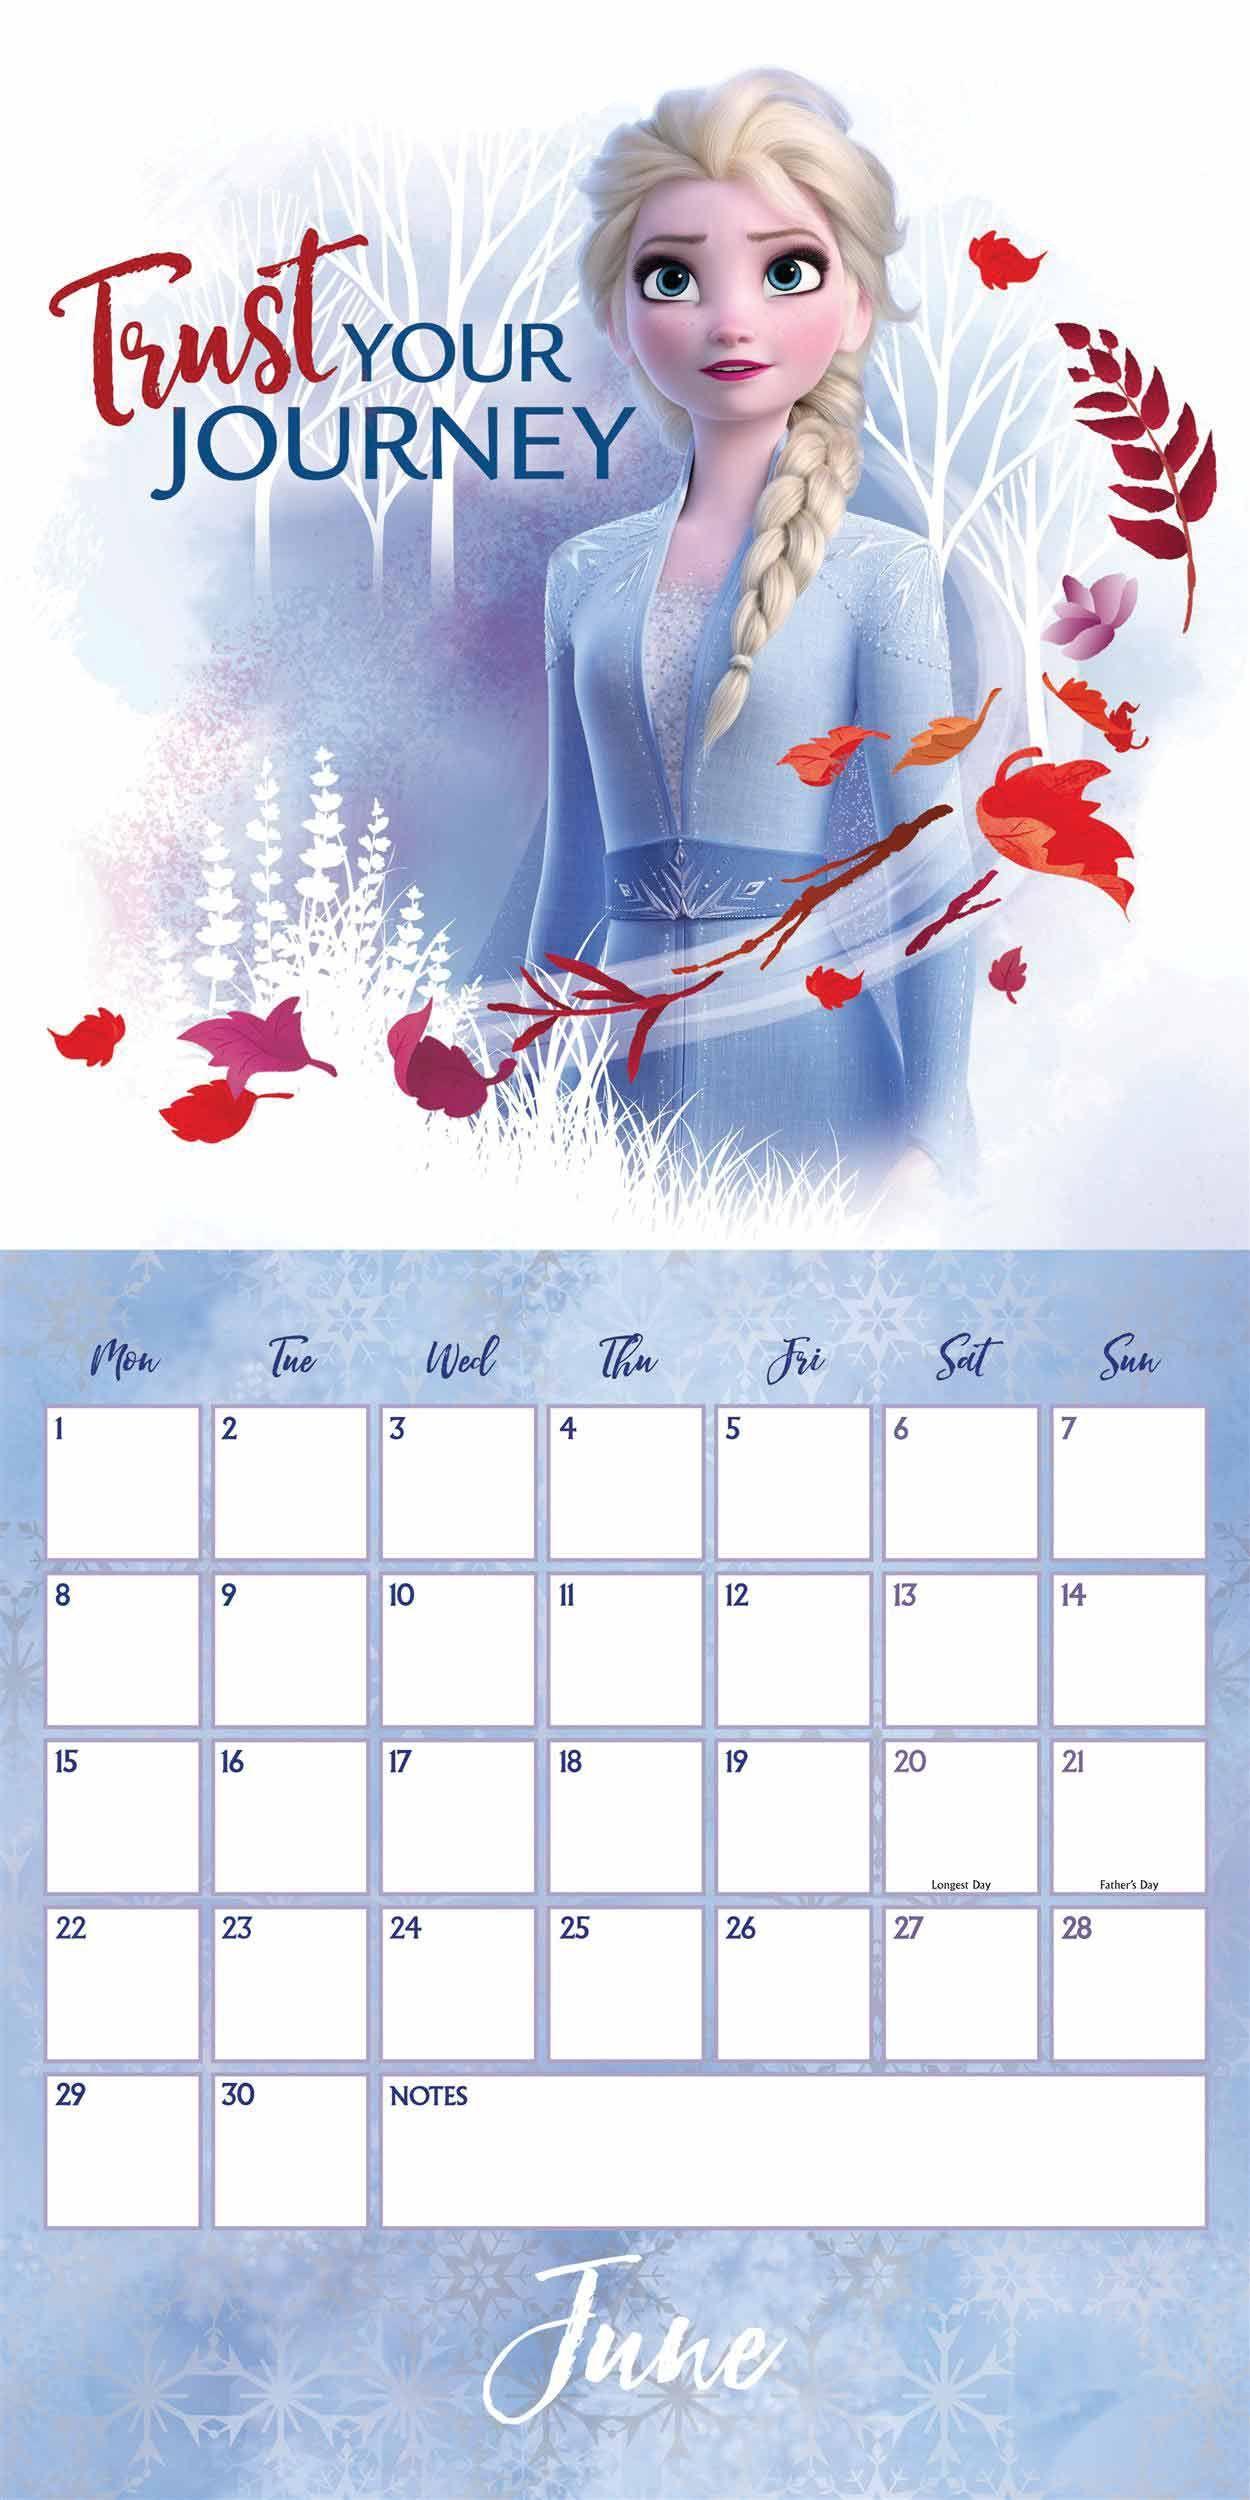 Disney Frozen 2 Official Calendar 2021 At Calendar Club Disney Calendar Frozen Disney Movie Frozen Wallpaper